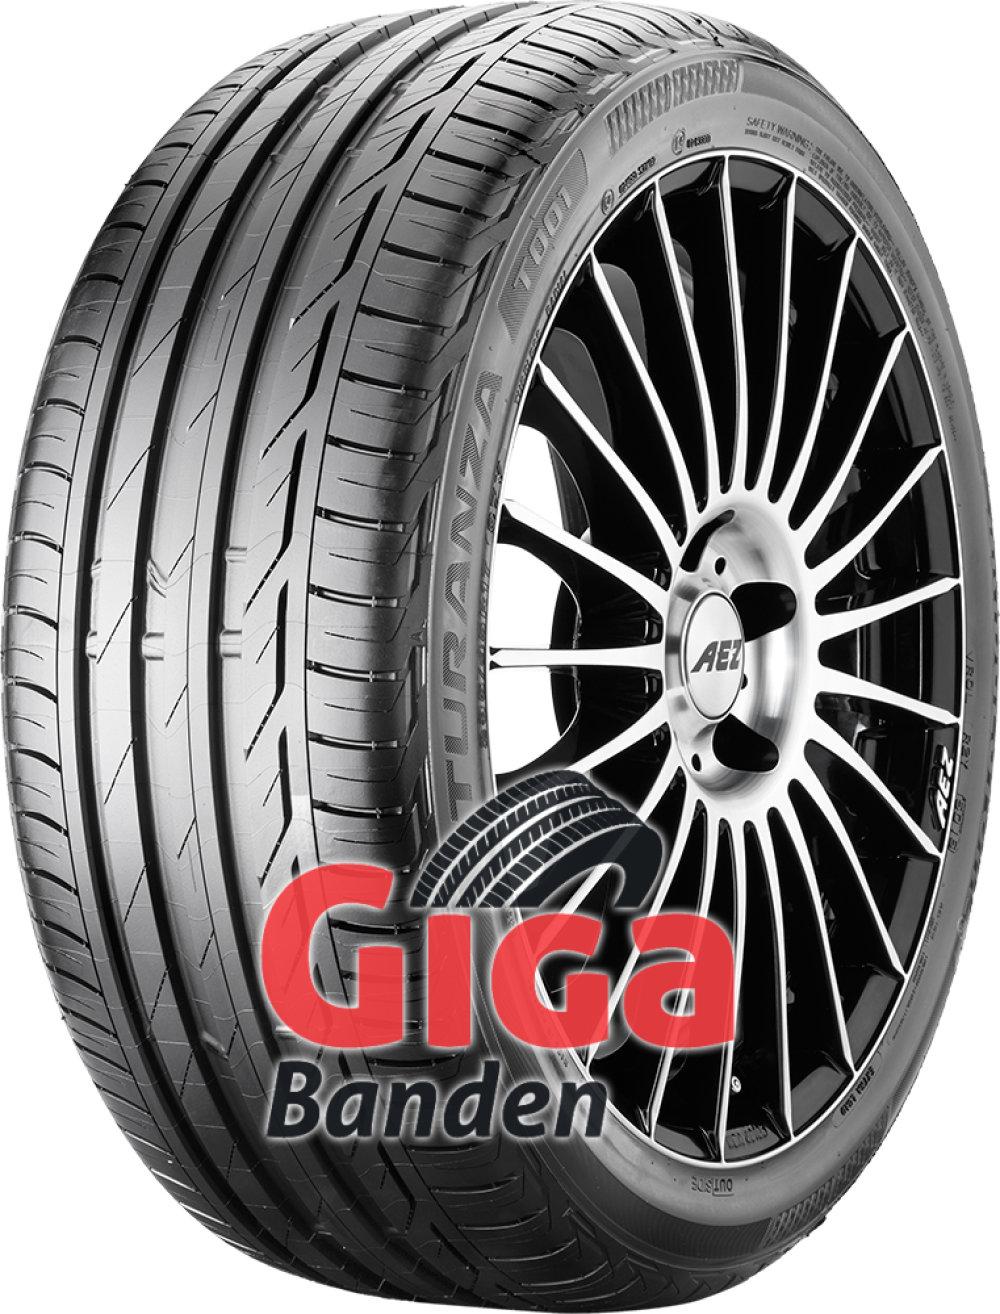 Bridgestone Turanza T001 Evo ( 215/55 R16 97H XL )